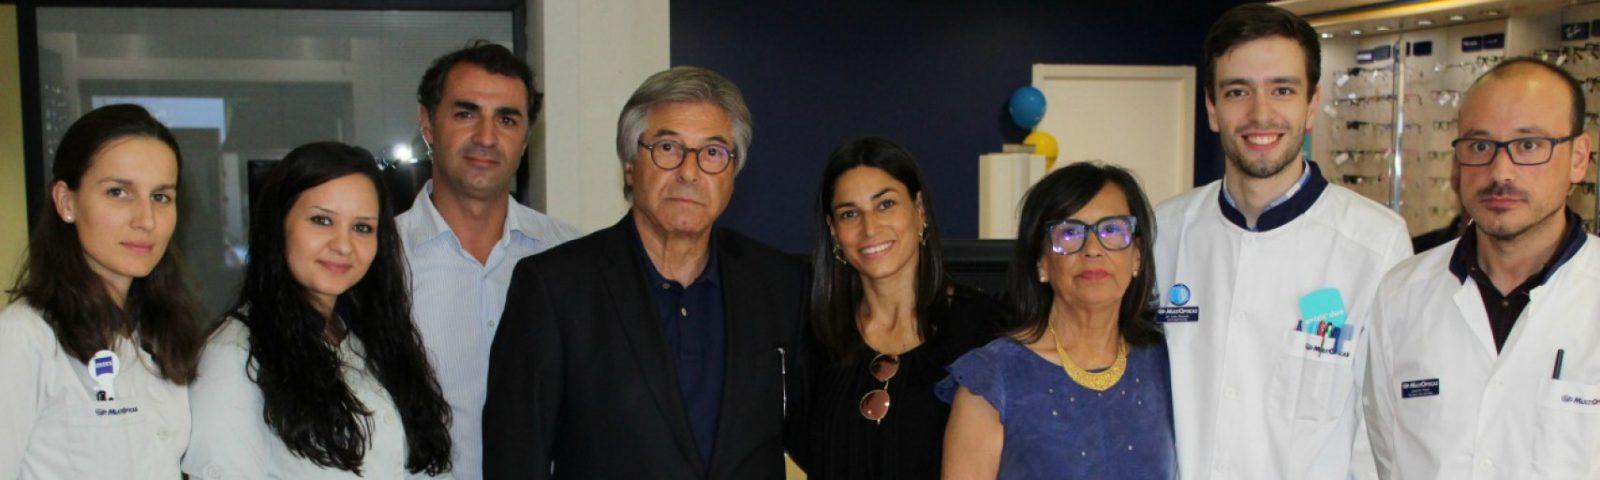 MultiOpticas abre nova loja em S. João da Pesqueira